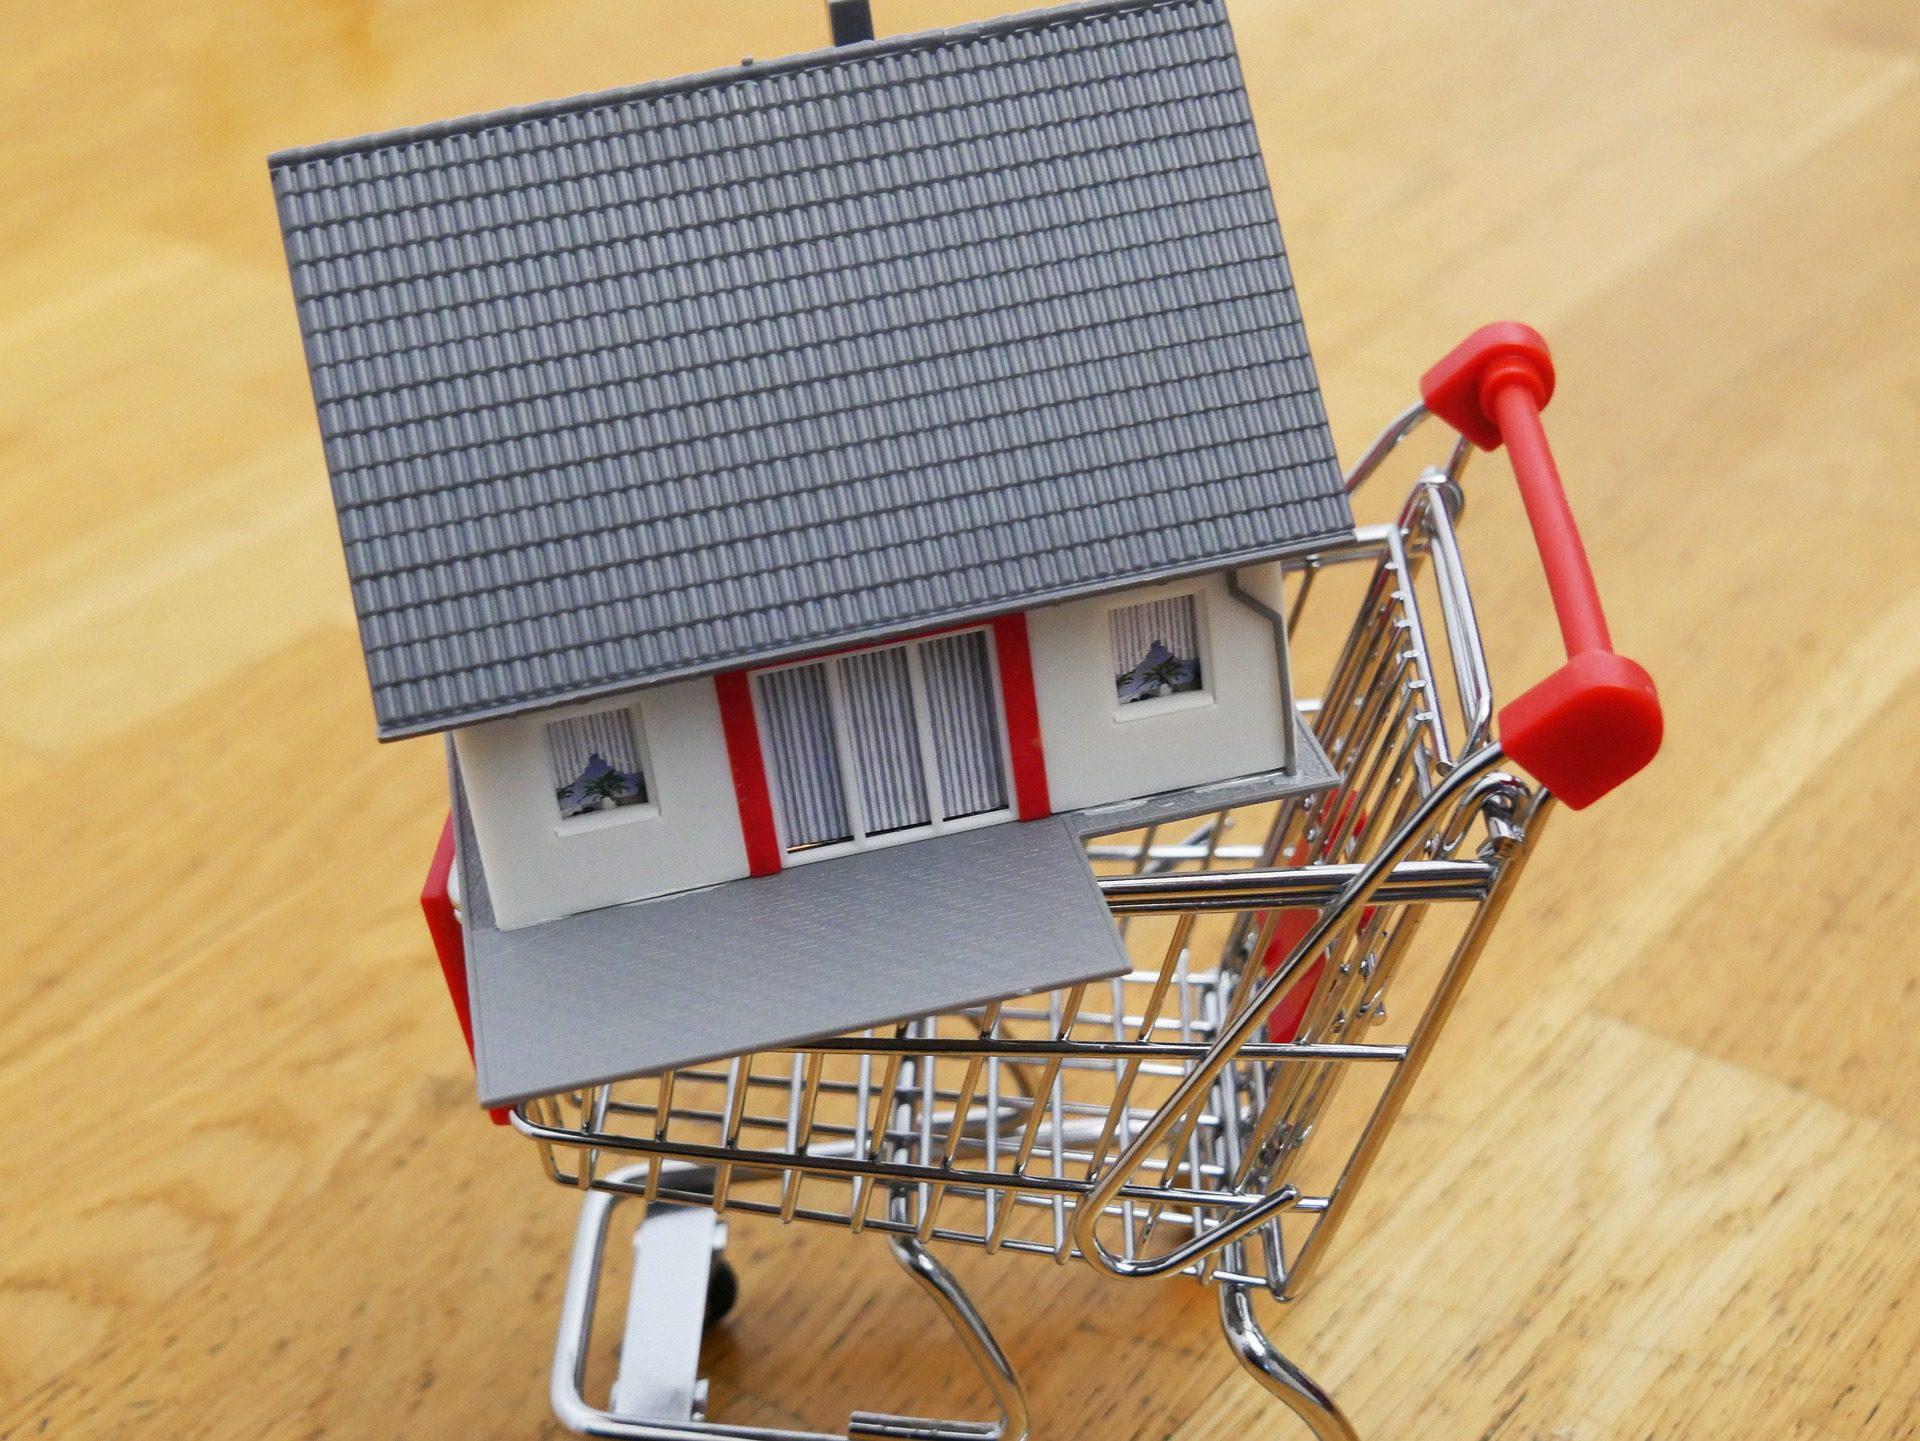 comprar ou alugar im%C3%B3vel